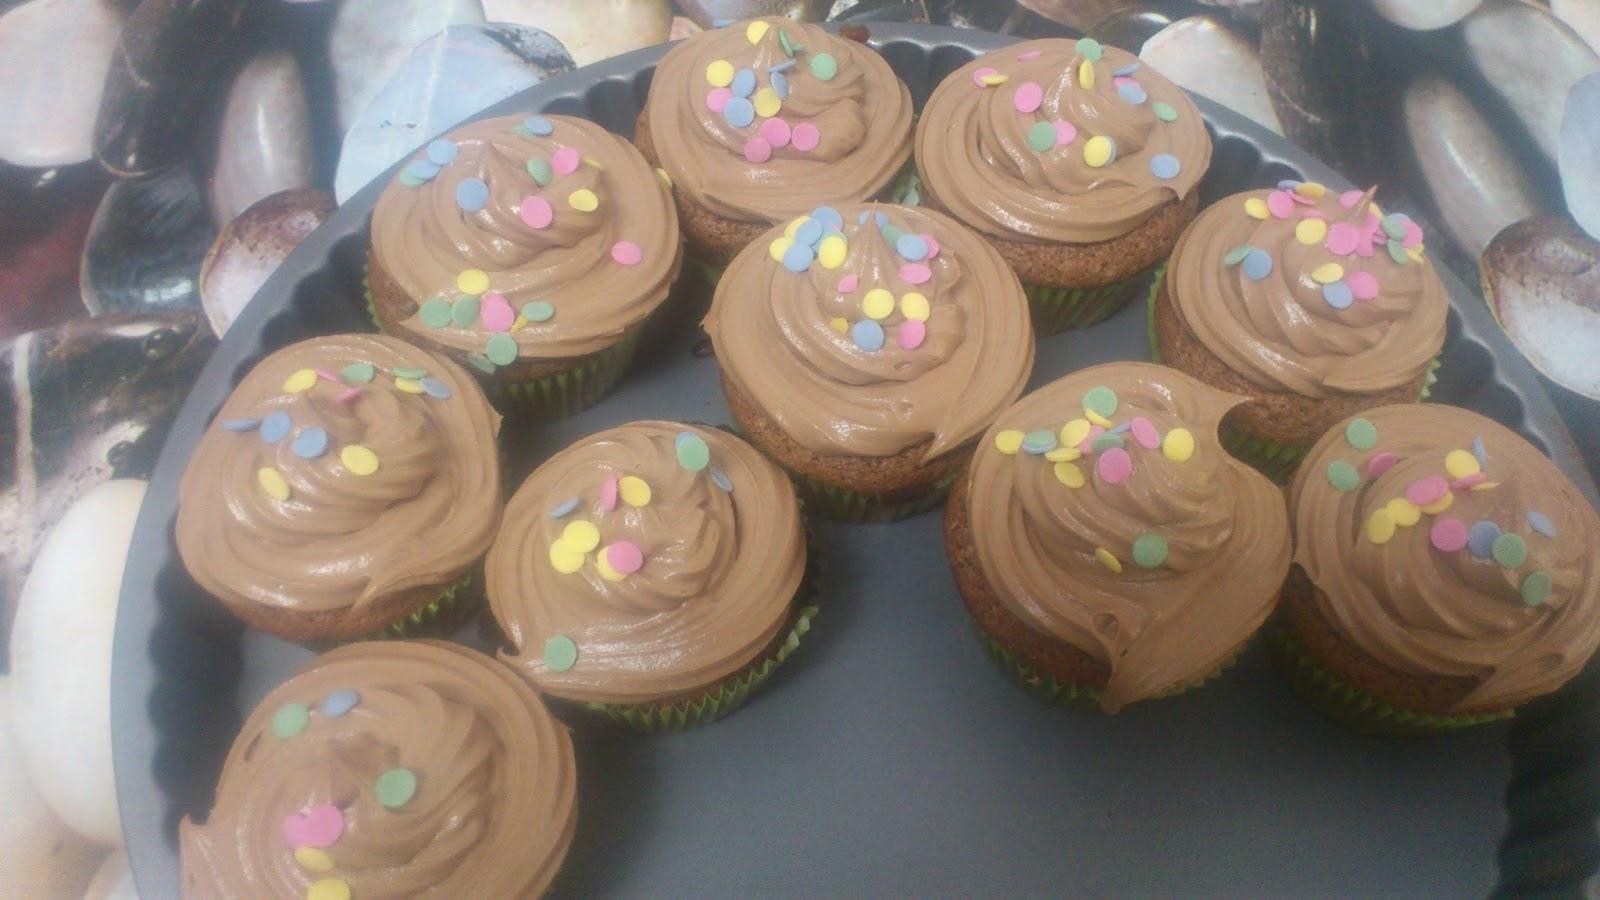 La cocina de leyre cupcakes de chocolate deliciosos - Cocinas leyre ...